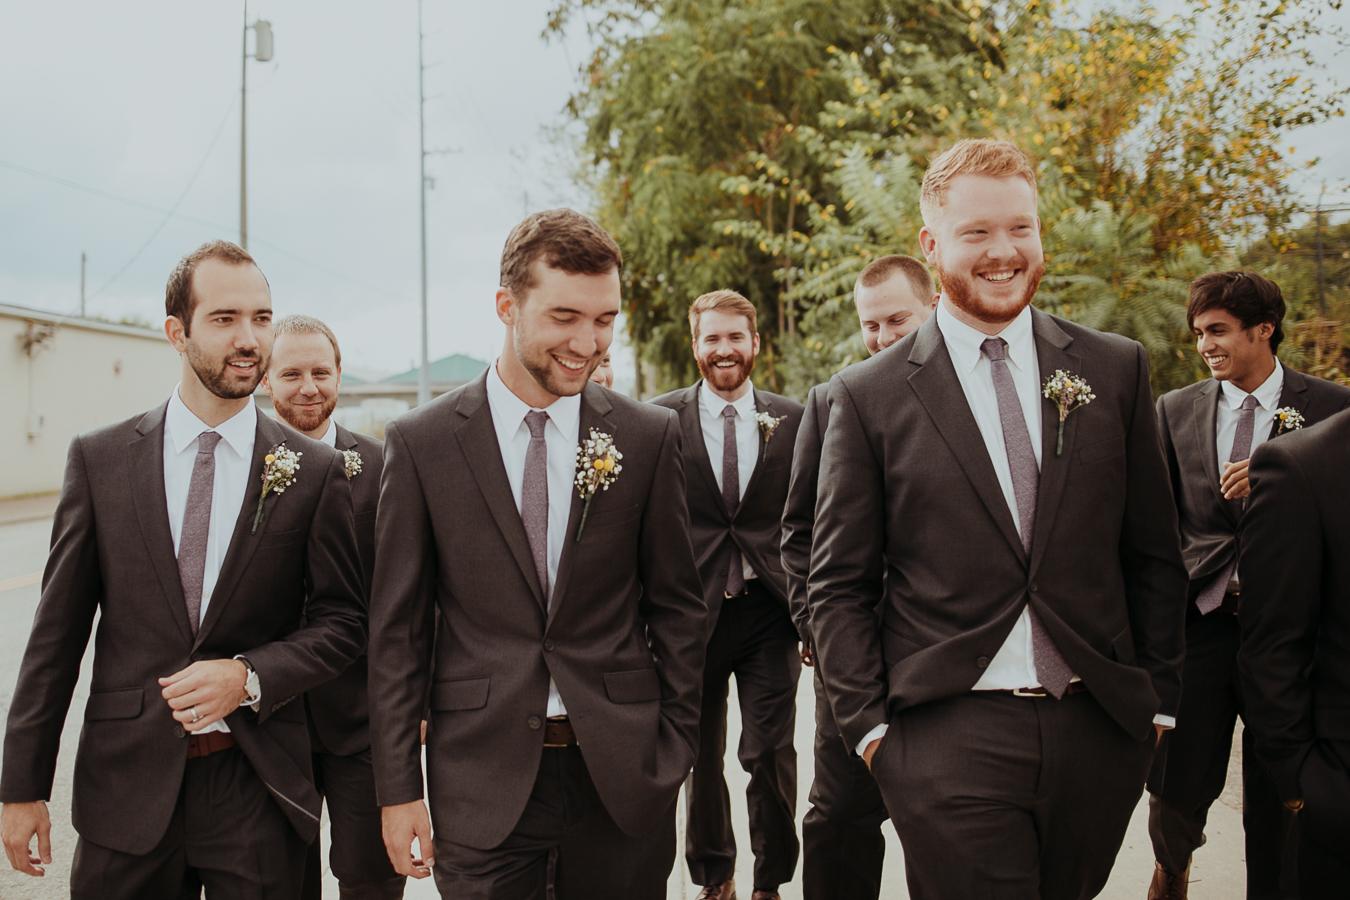 Nashville Wedding Photograpger - Photography Anthology-41.jpg